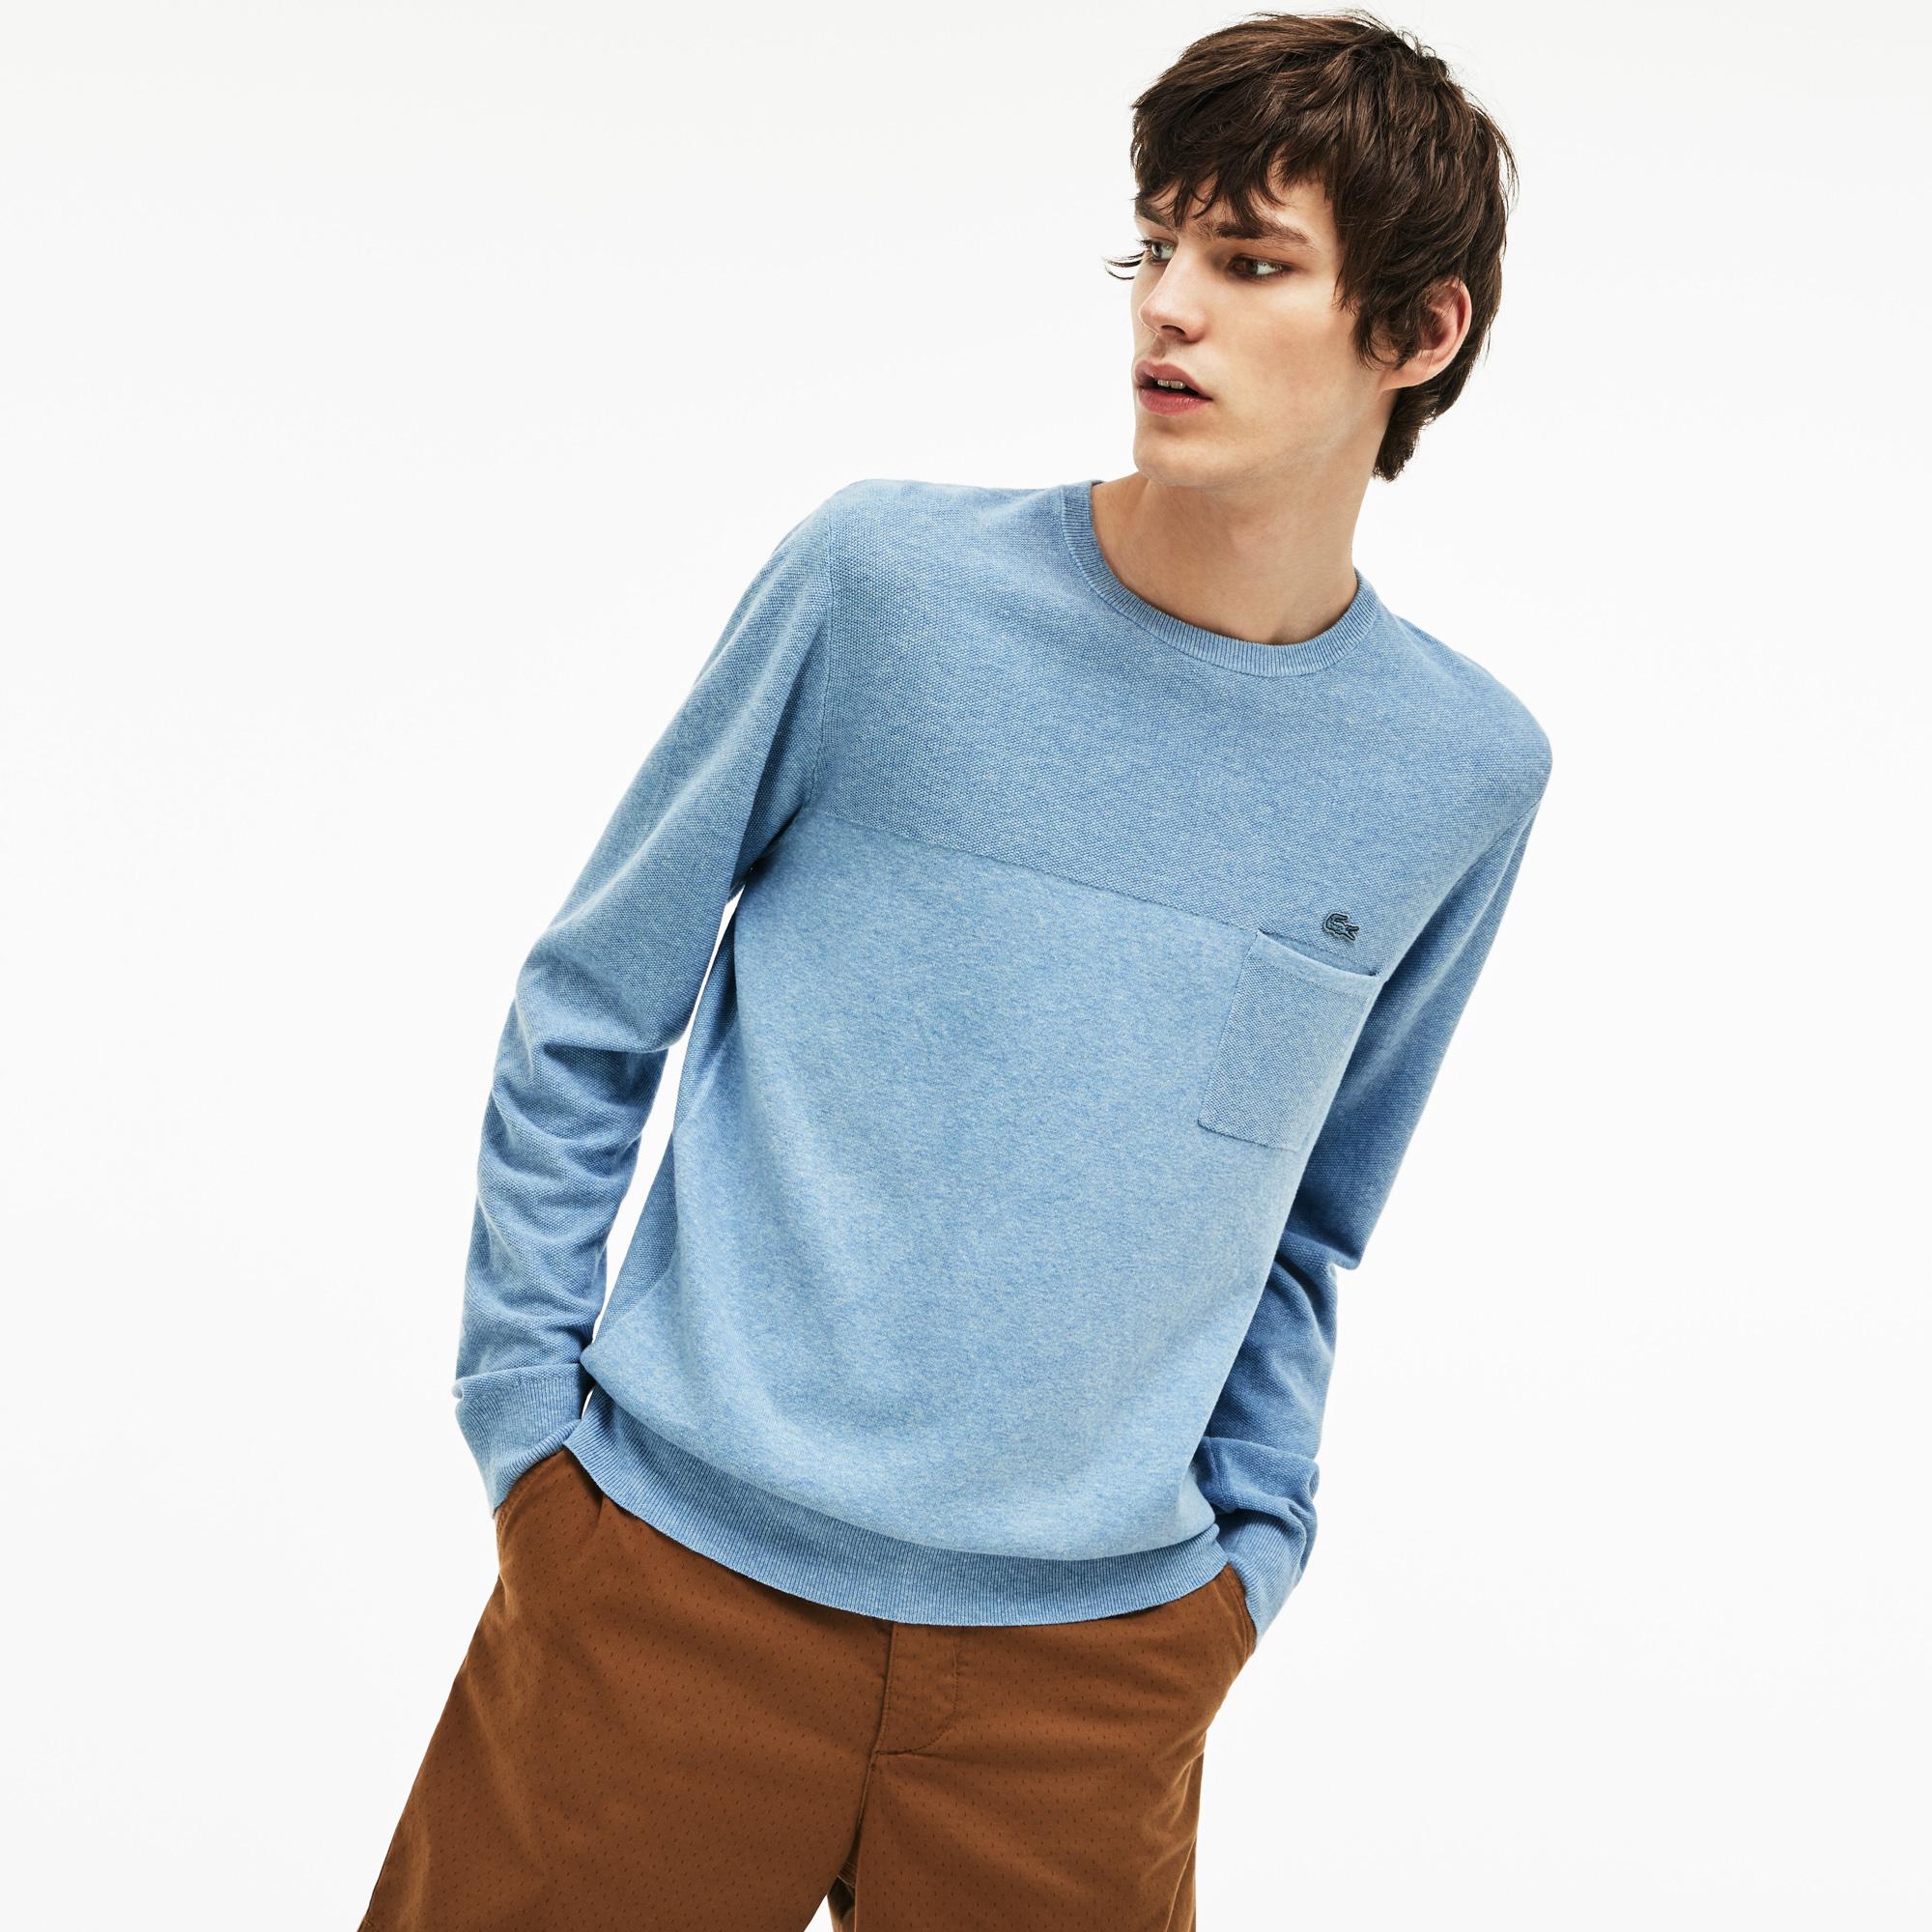 Свитер LacosteСвитеры<br>Детали: стильный мужской свитер карманом  \ Материал: 70% хлопок 30% лен 63% хлопок 25% лен 12% полиамид \ Страна производства: Китай